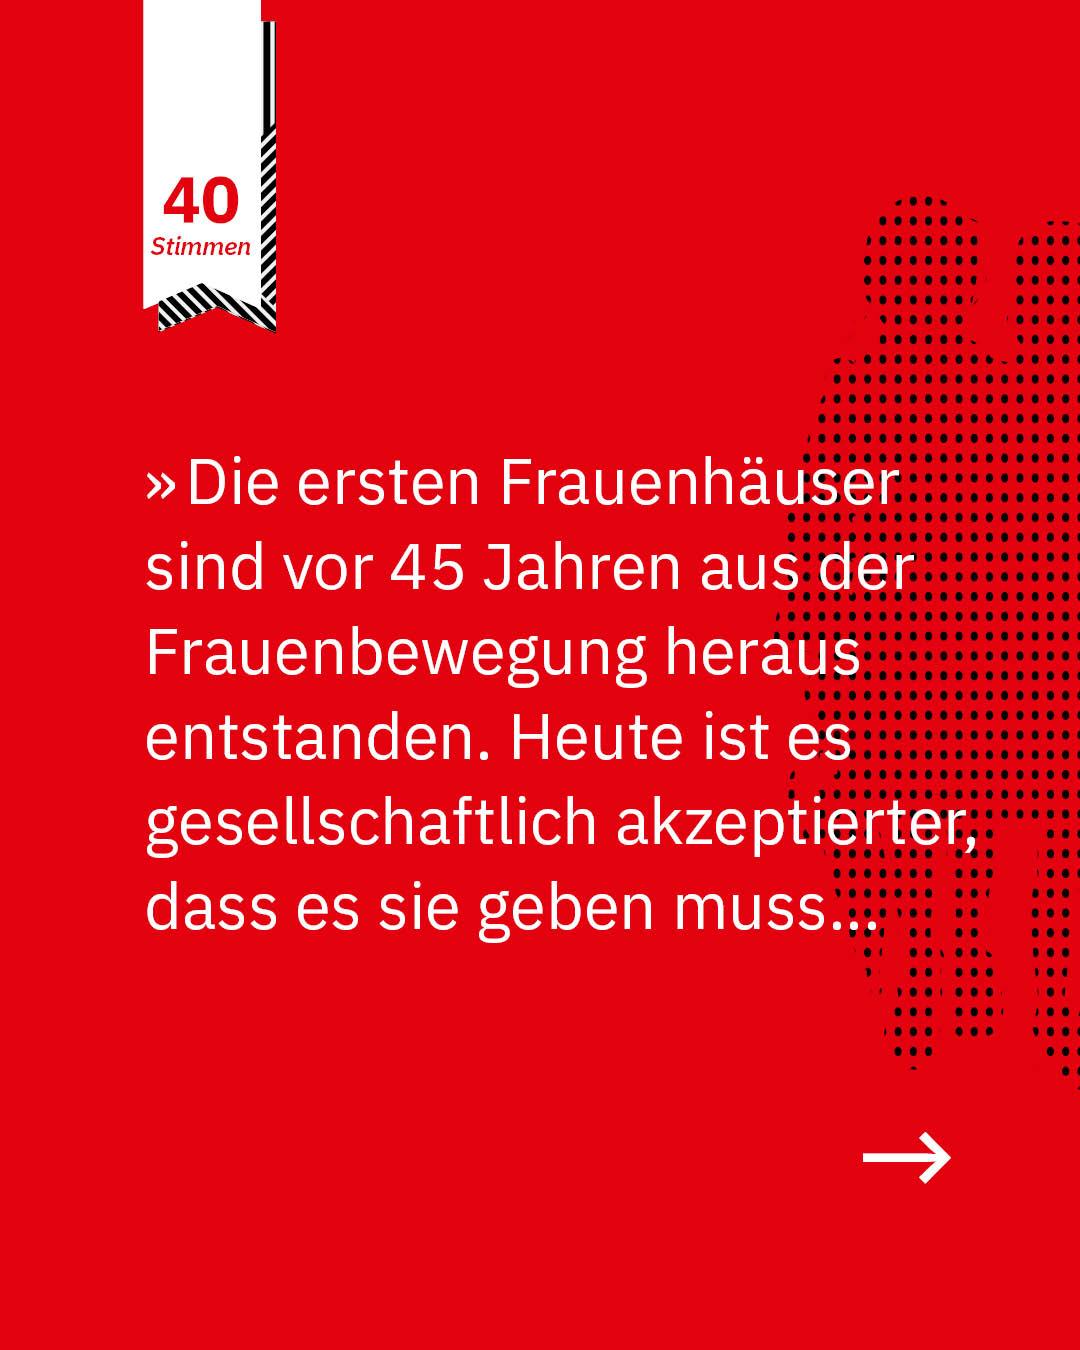 Statement 40 Jahre Gleichberechtigung, Team Autonomes Frauenhaus